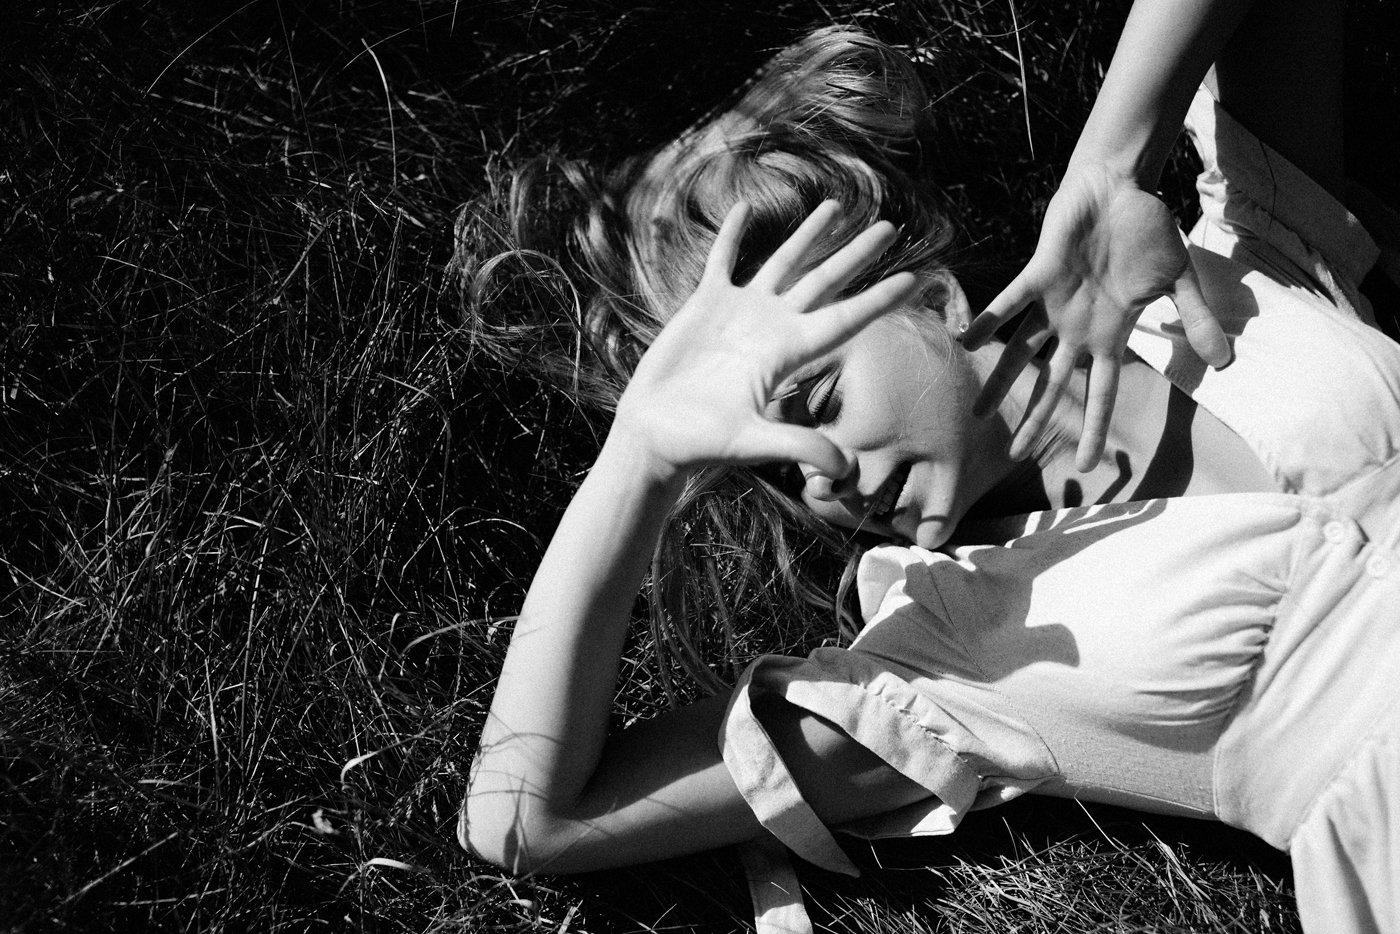 #портрет #девушка #никон #фотосессия #нск #актриса #чб, Брежнев Александр